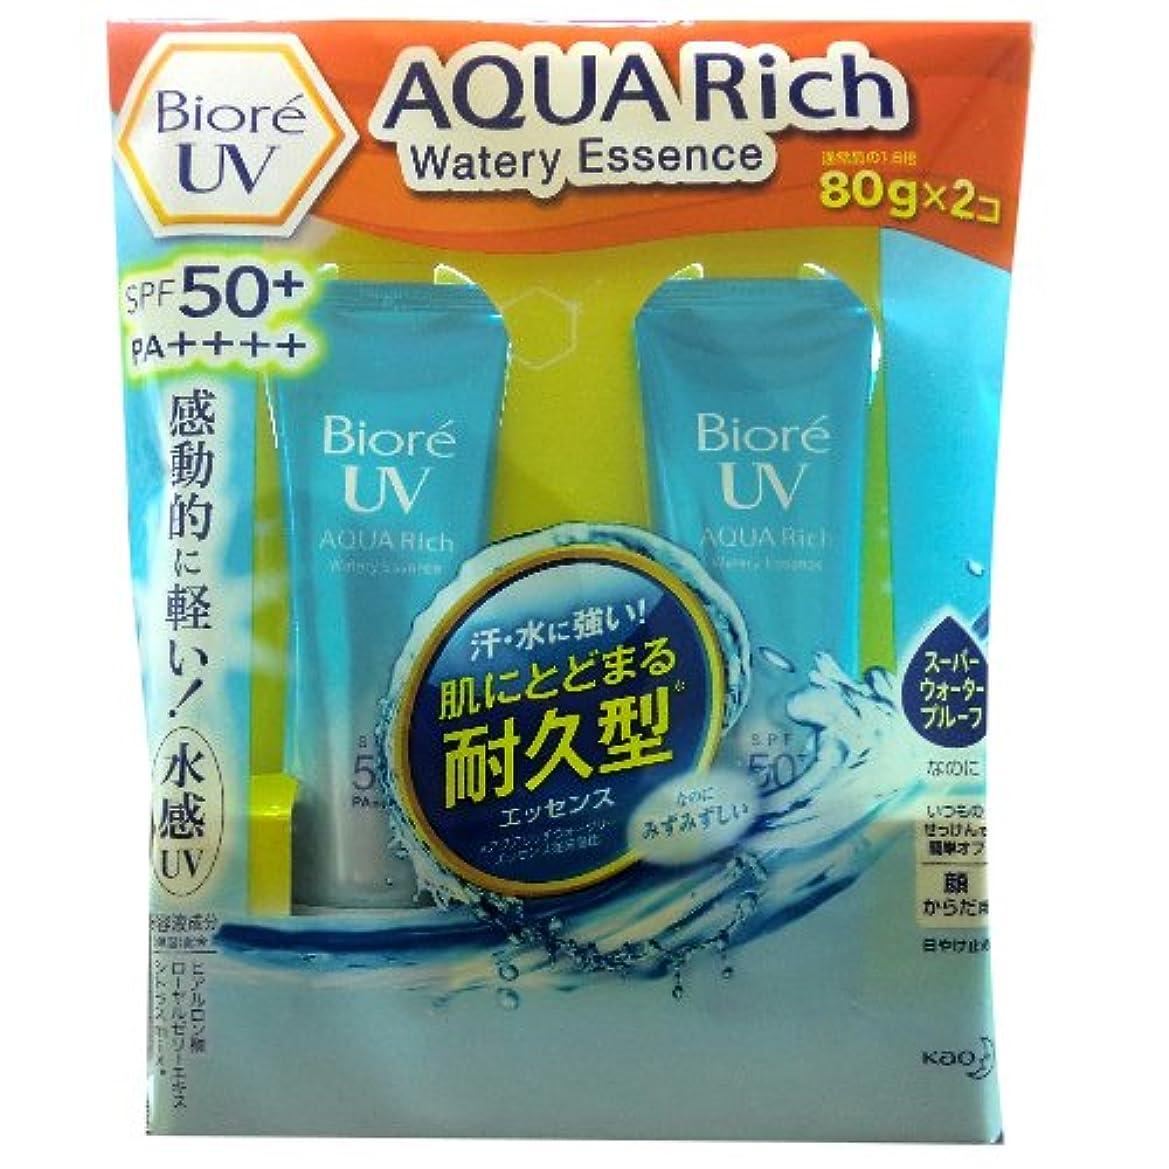 ペルソナ年次接触Biore UV AQUA Rich Watery Essence 80g×2コ